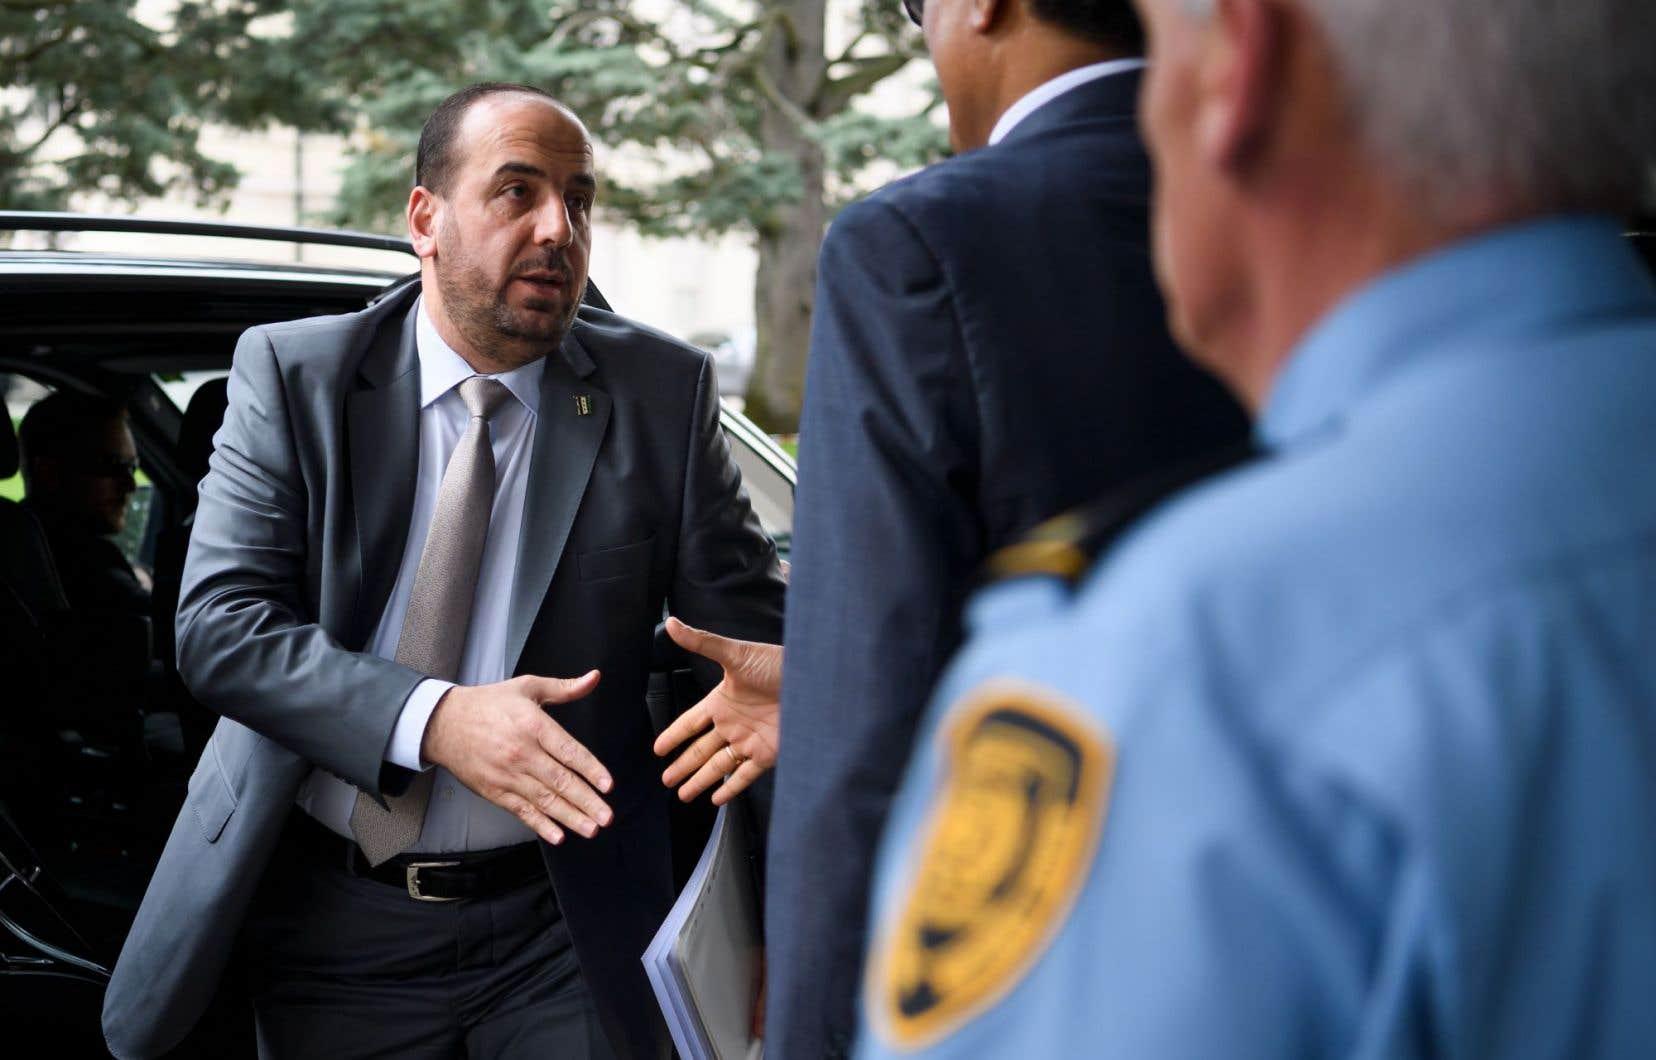 Le principal dirigeant duHaut comité des négociations de l'opposition syrienne, Nasr al-Hariri, lors des pourparlers de paix en mai dernier